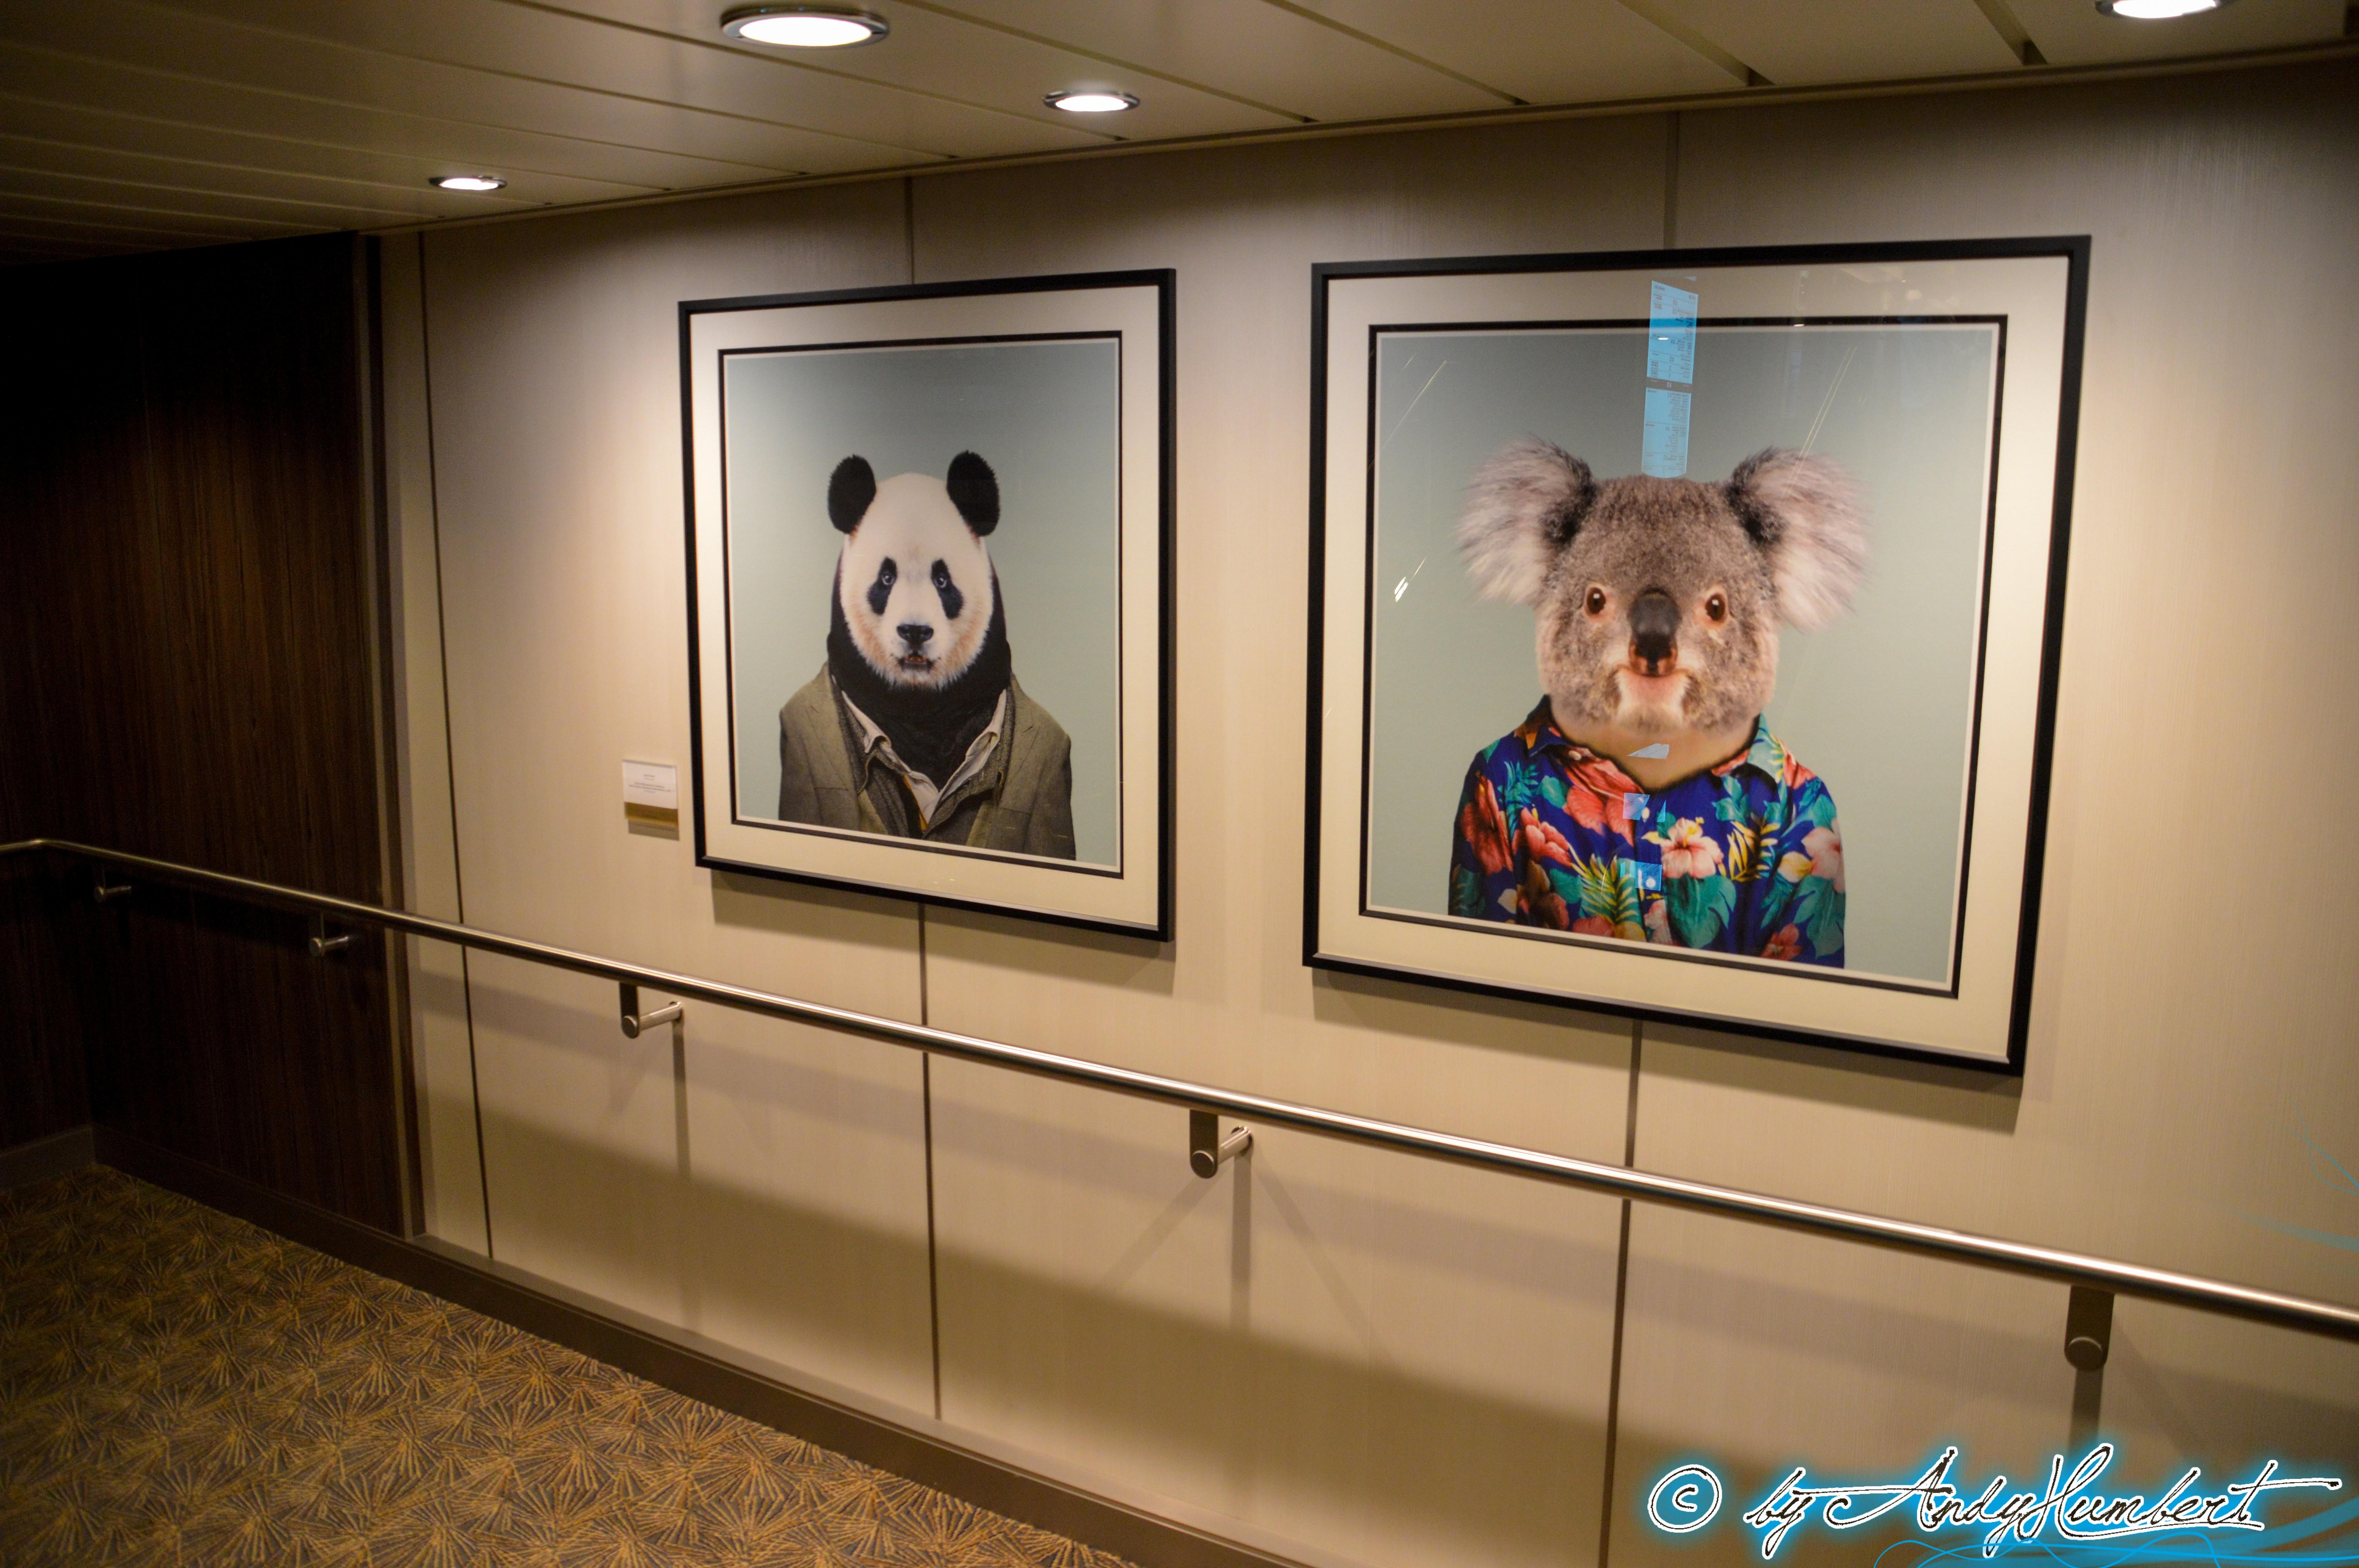 Giant Panda & Koala